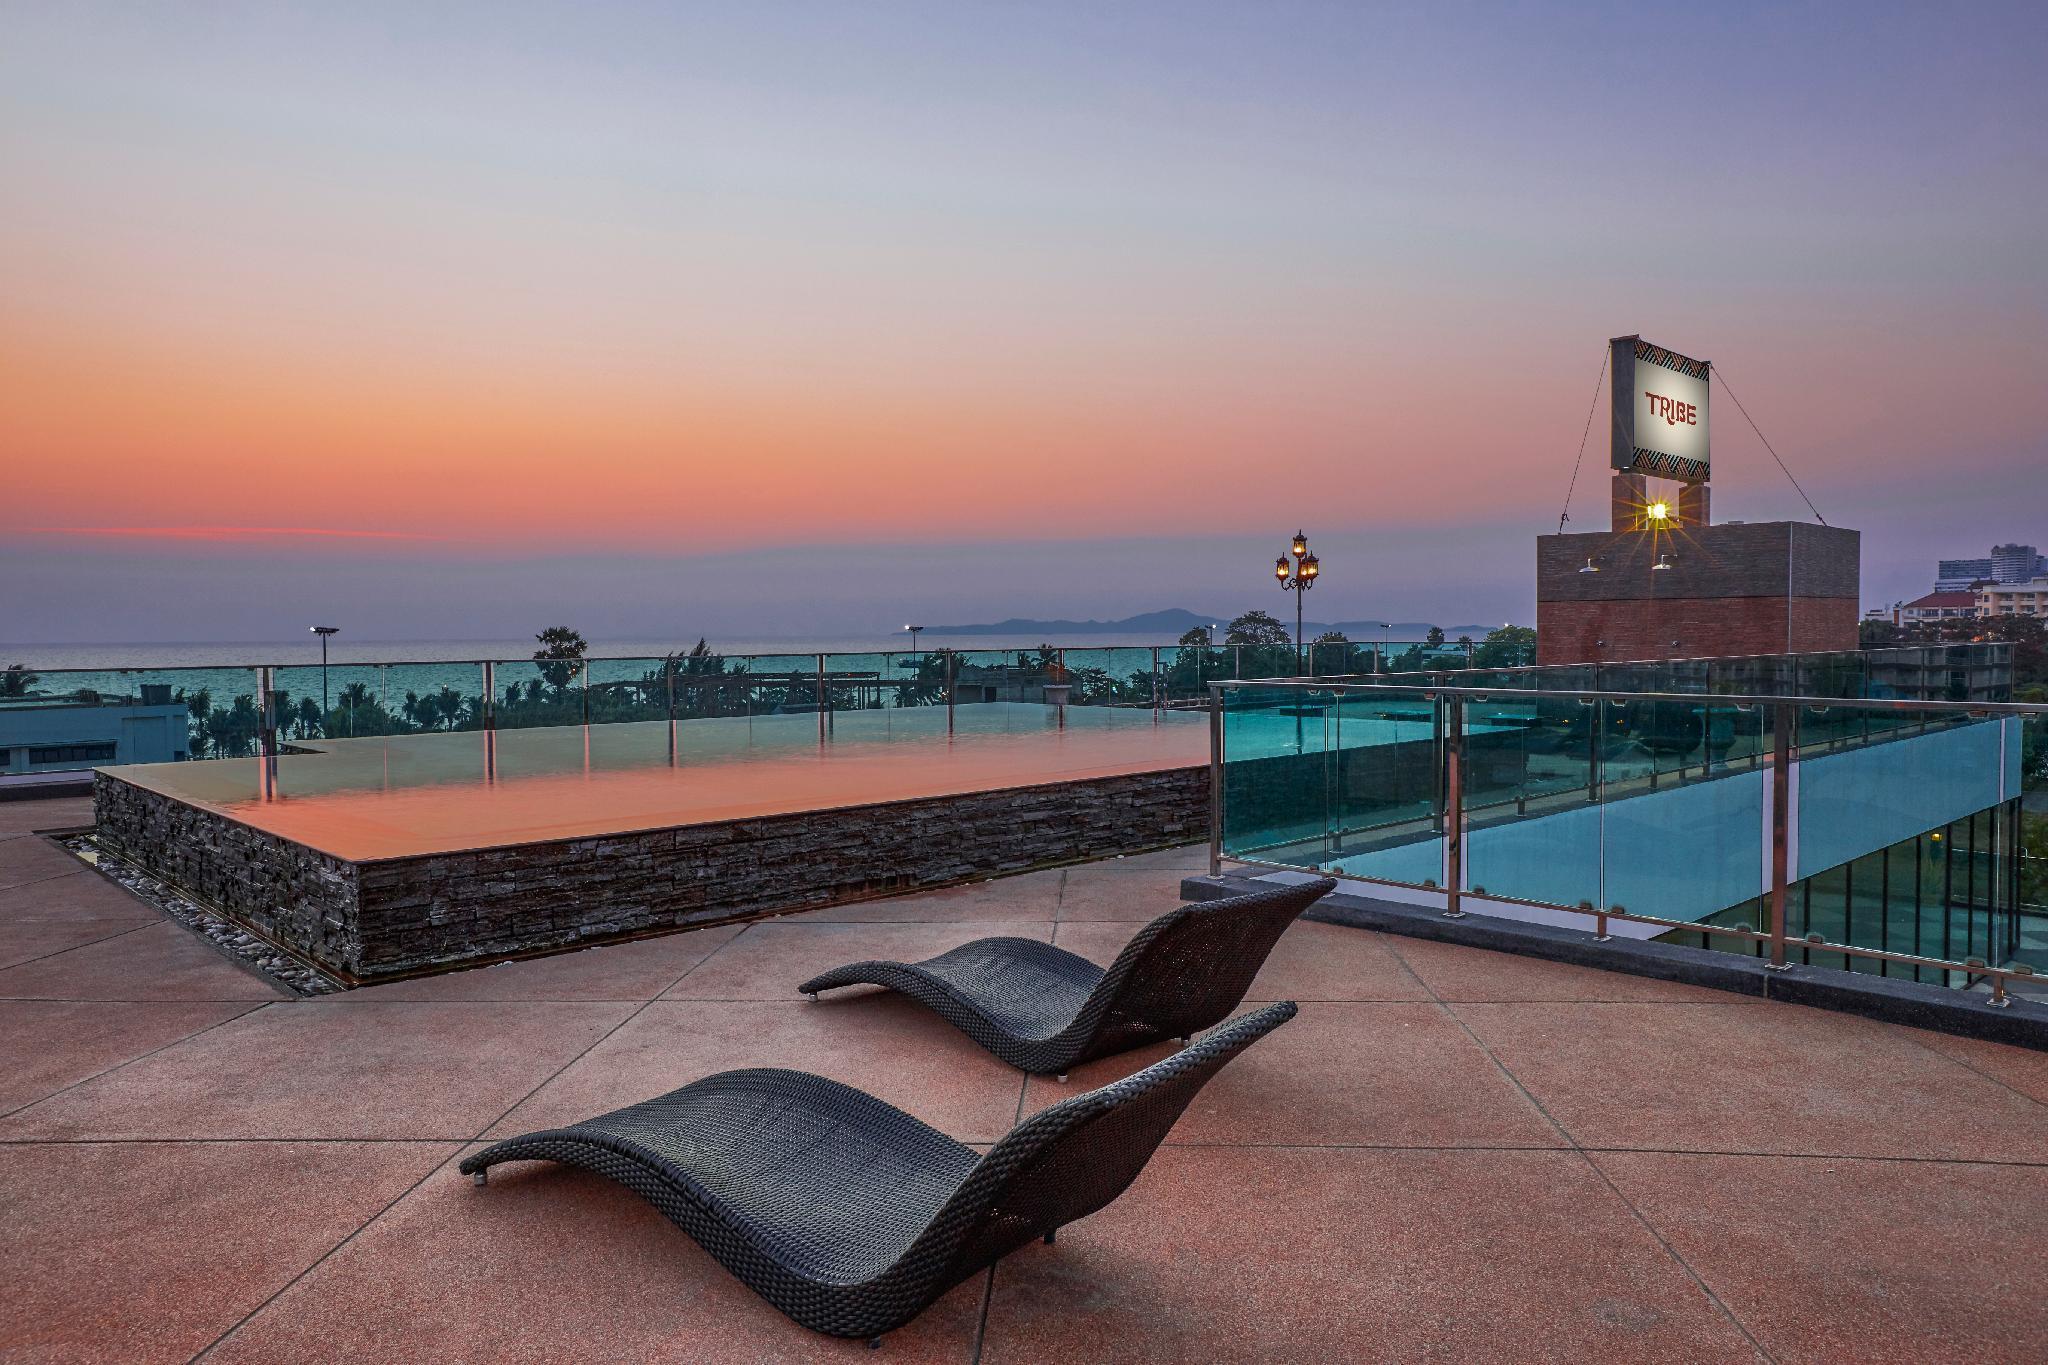 Oceans Reach | Luxury 35 BR Pool Resort by Beach Oceans Reach | Luxury 35 BR Pool Resort by Beach